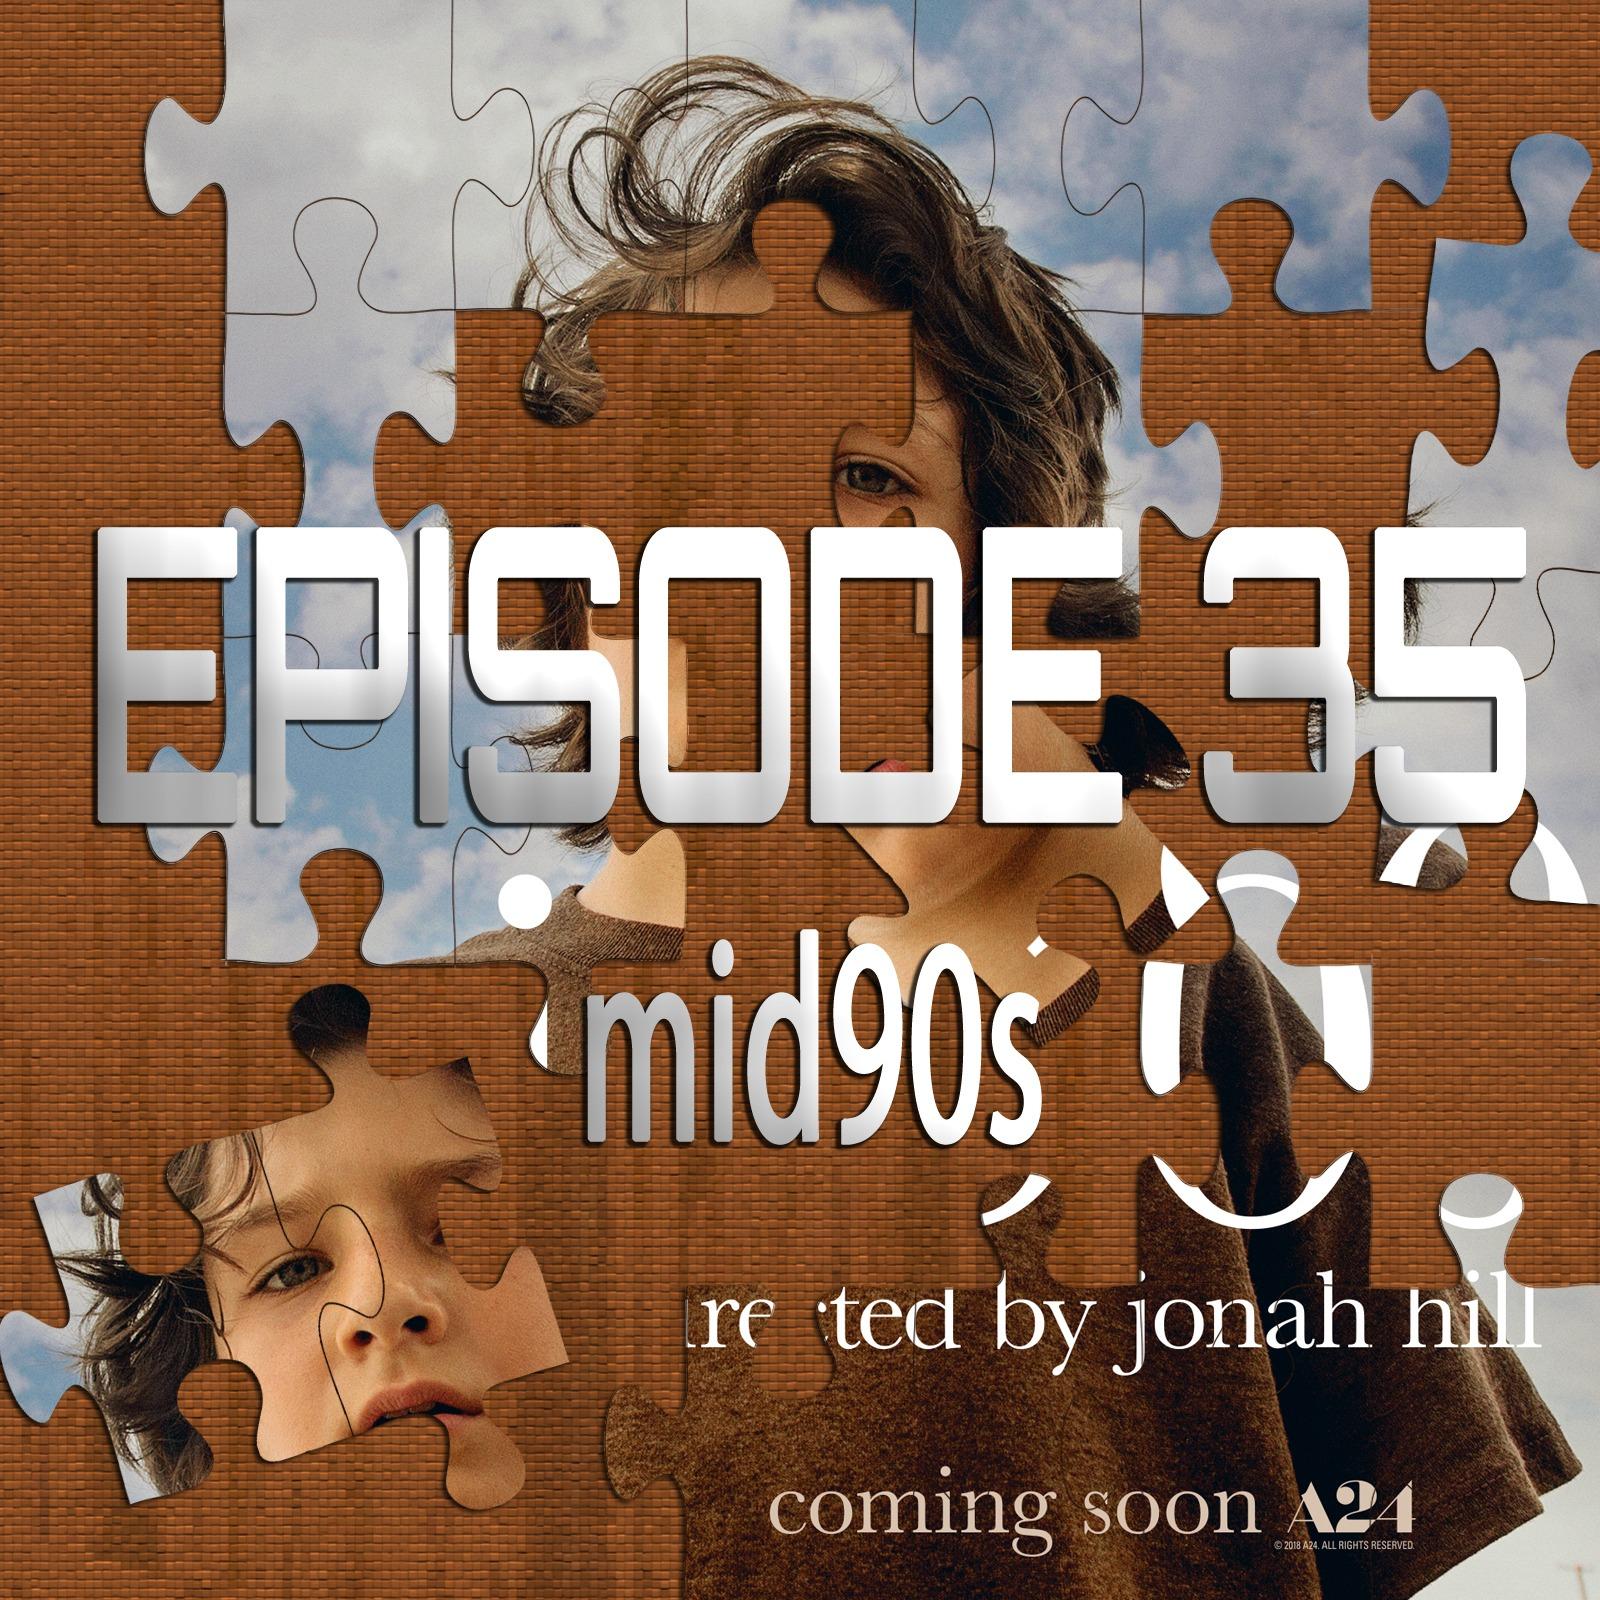 mid90s (Featuring Kris Krainock)